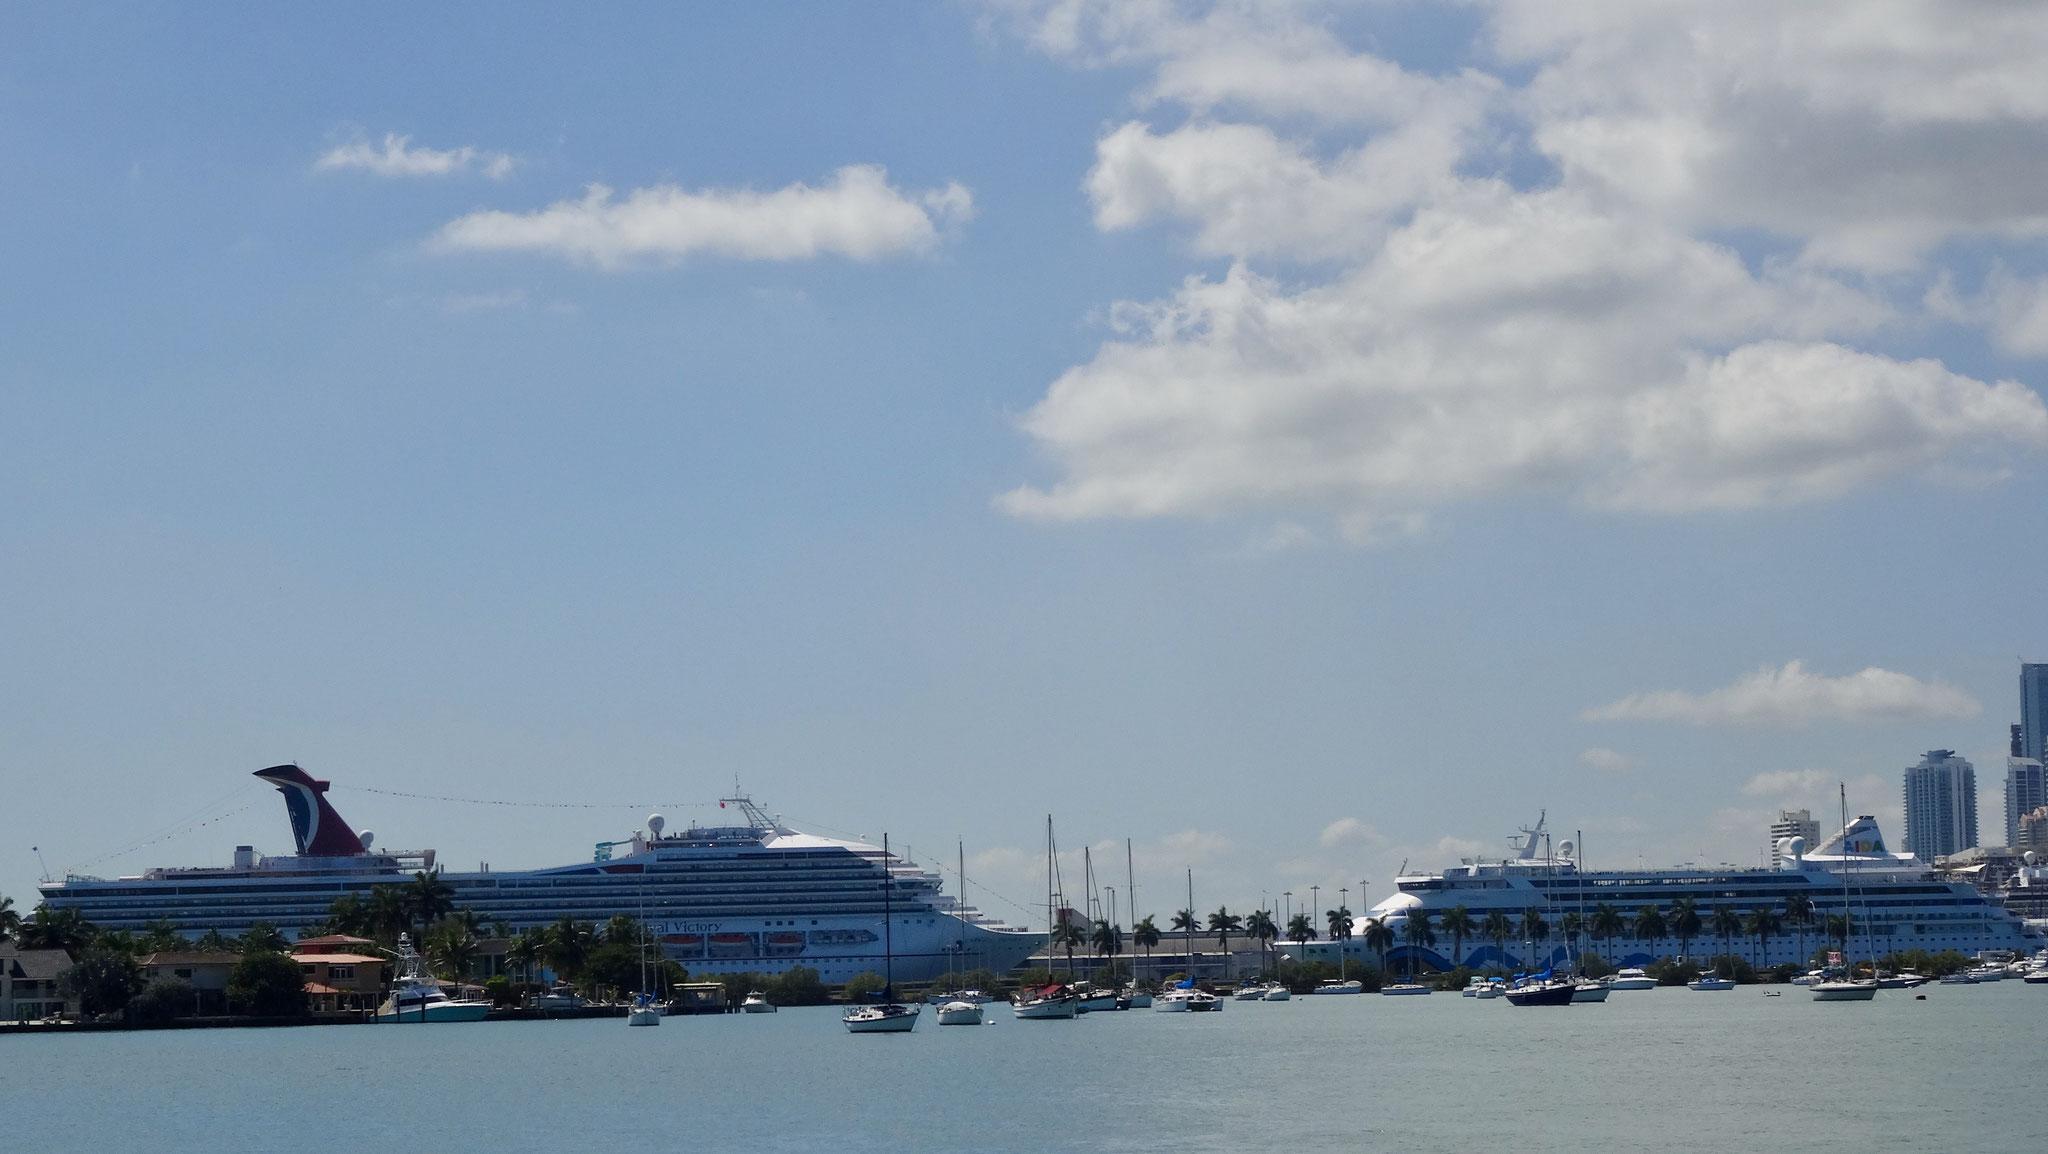 großes und kleines Schiff